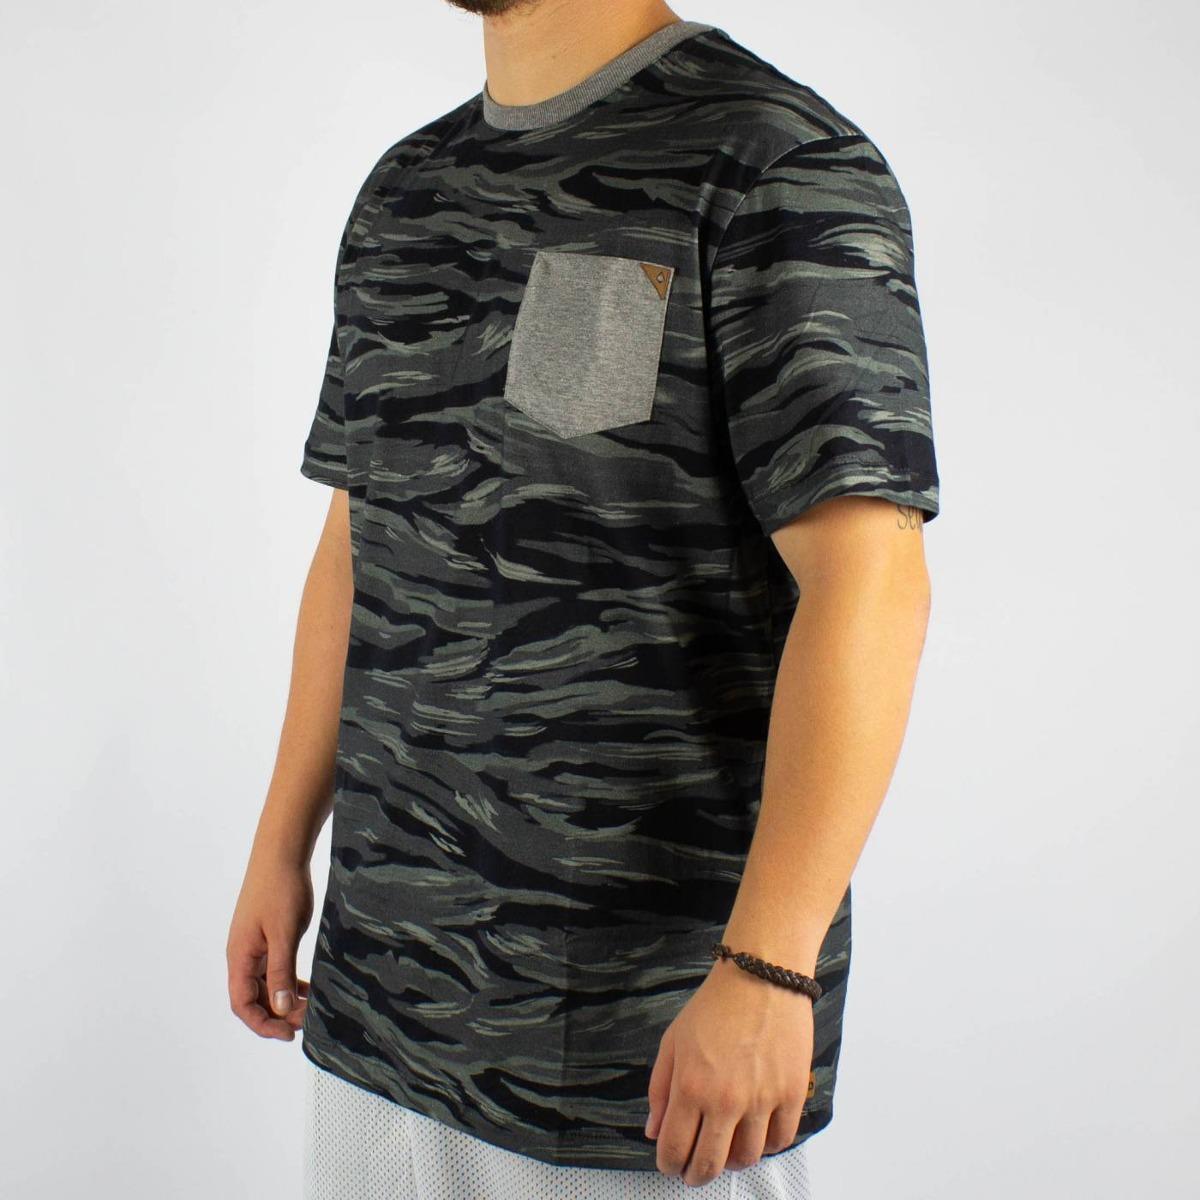 camiseta mcd especial full camuflada preta original. Carregando zoom. 06127f51741